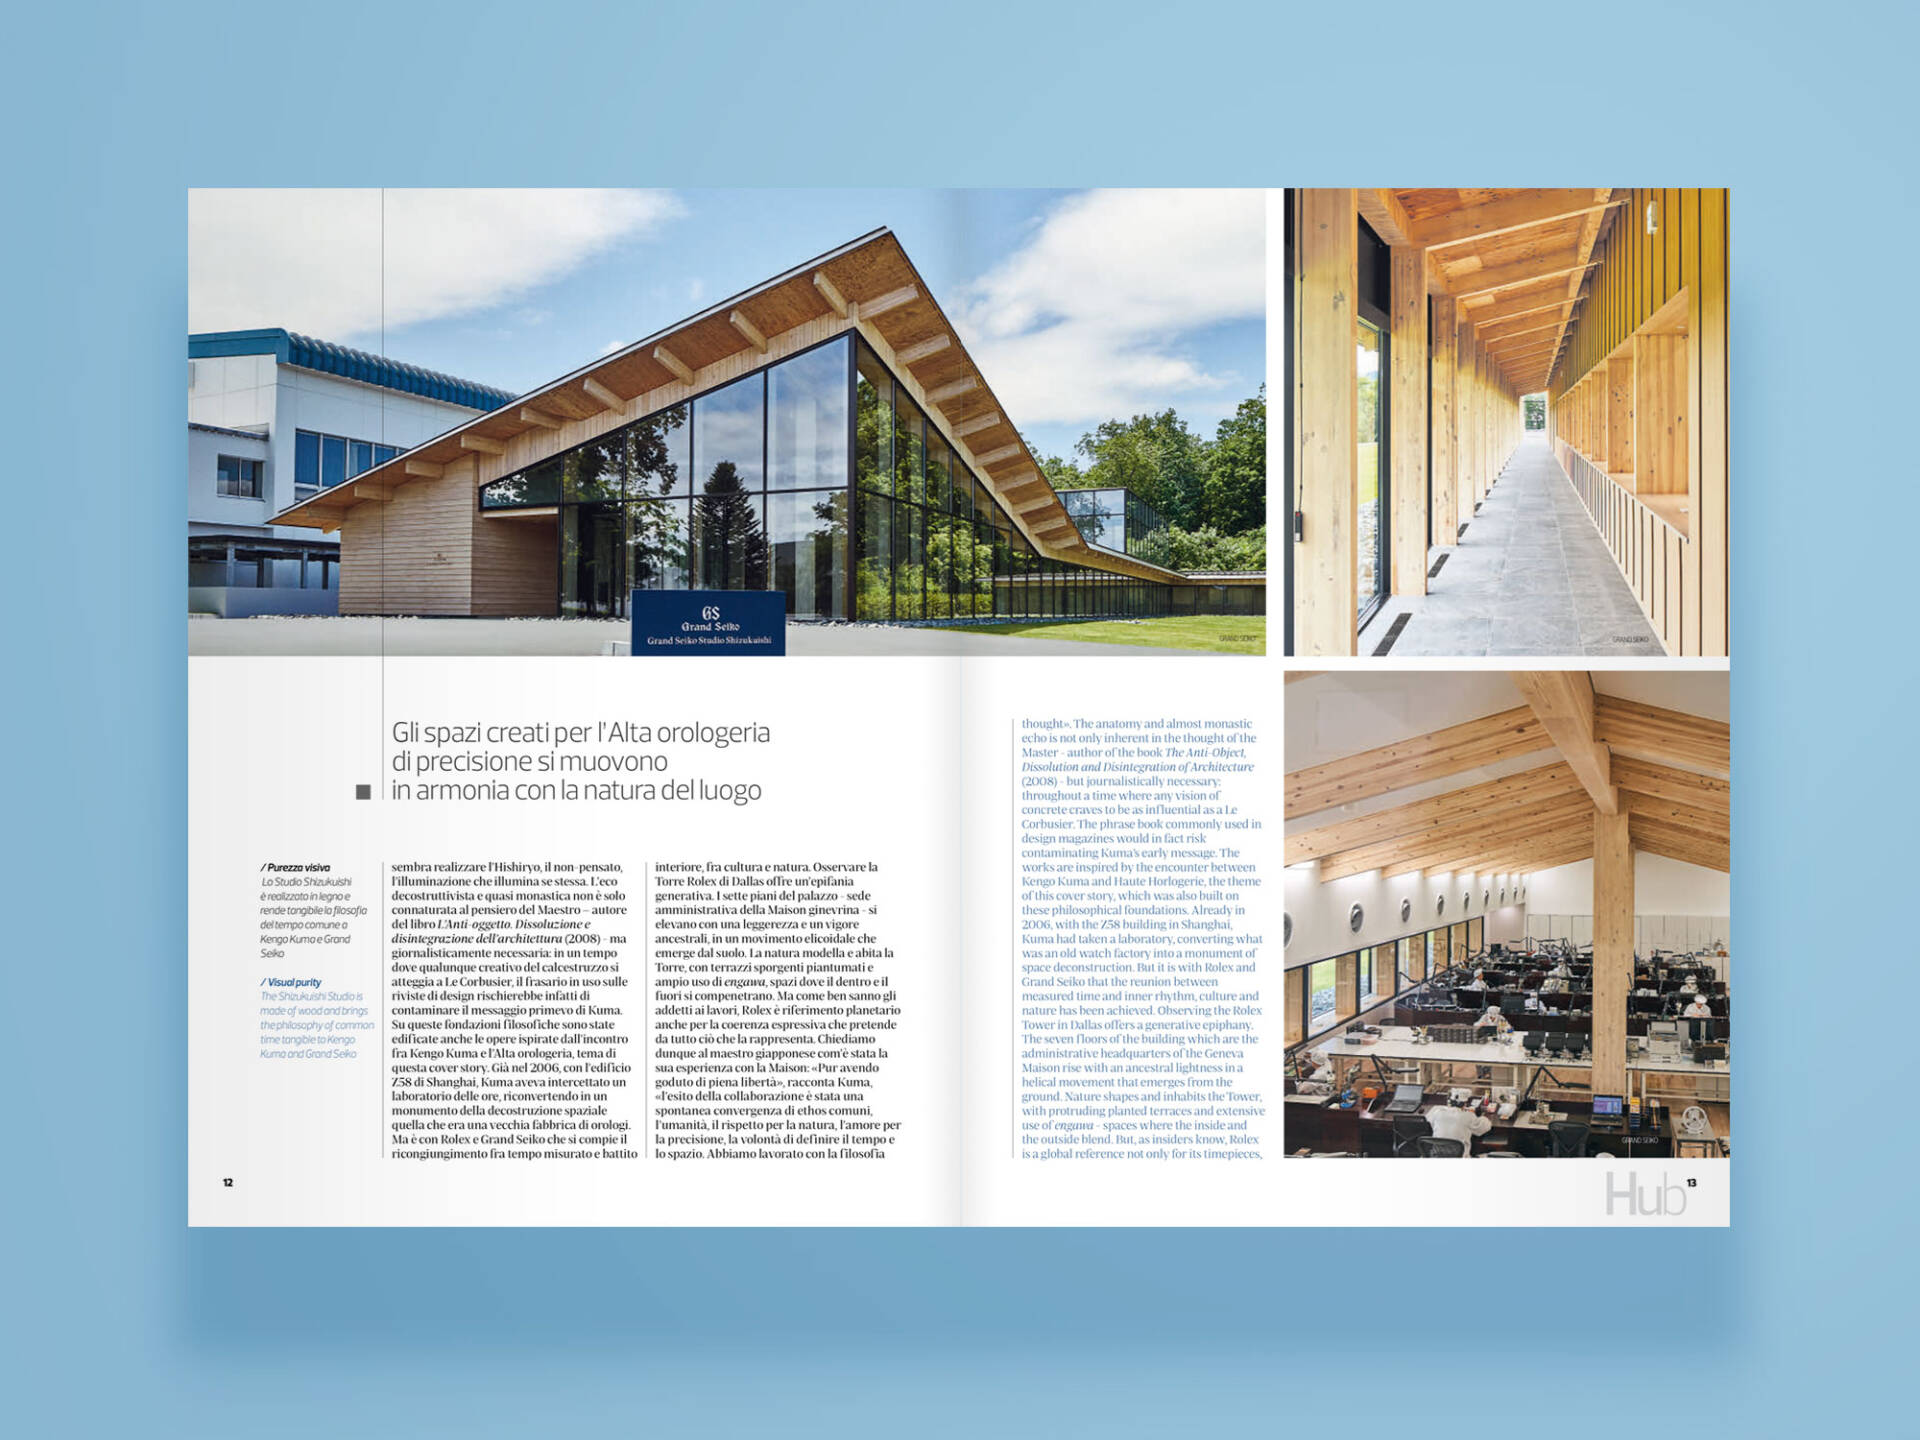 HUB_13_CdT_Wenceslau_News_Design